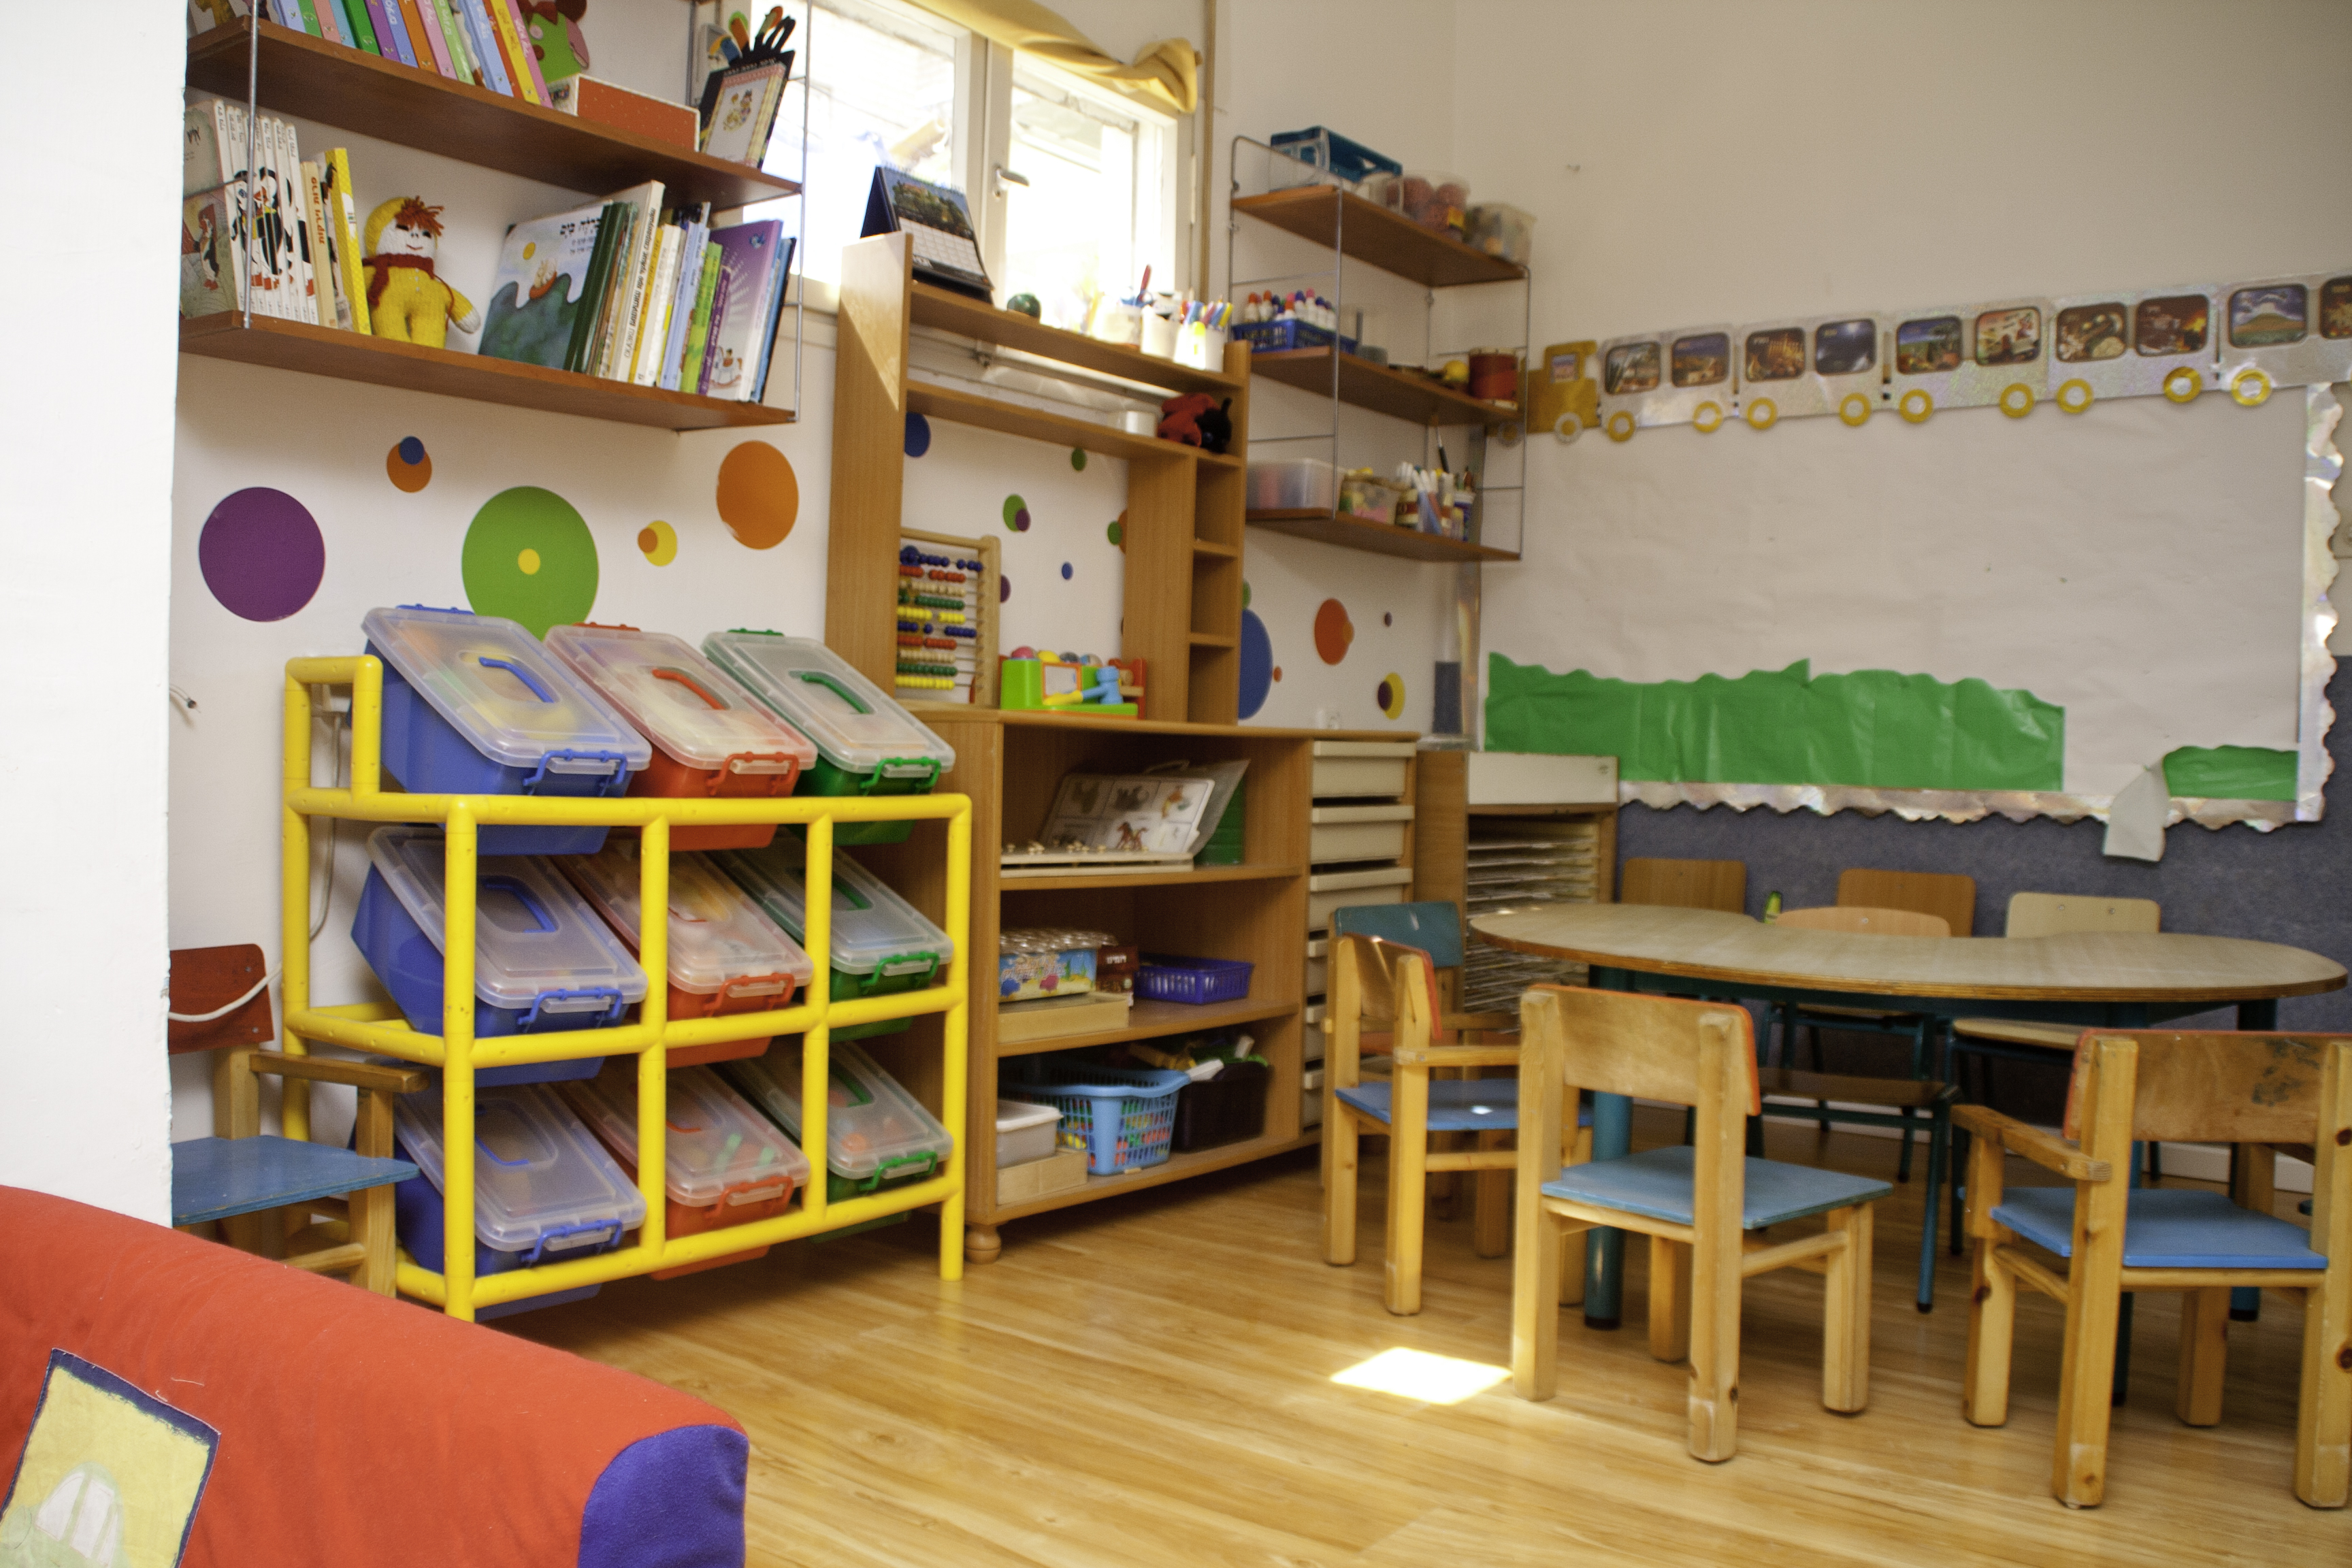 חדר משחקים ופעילויות.jpg